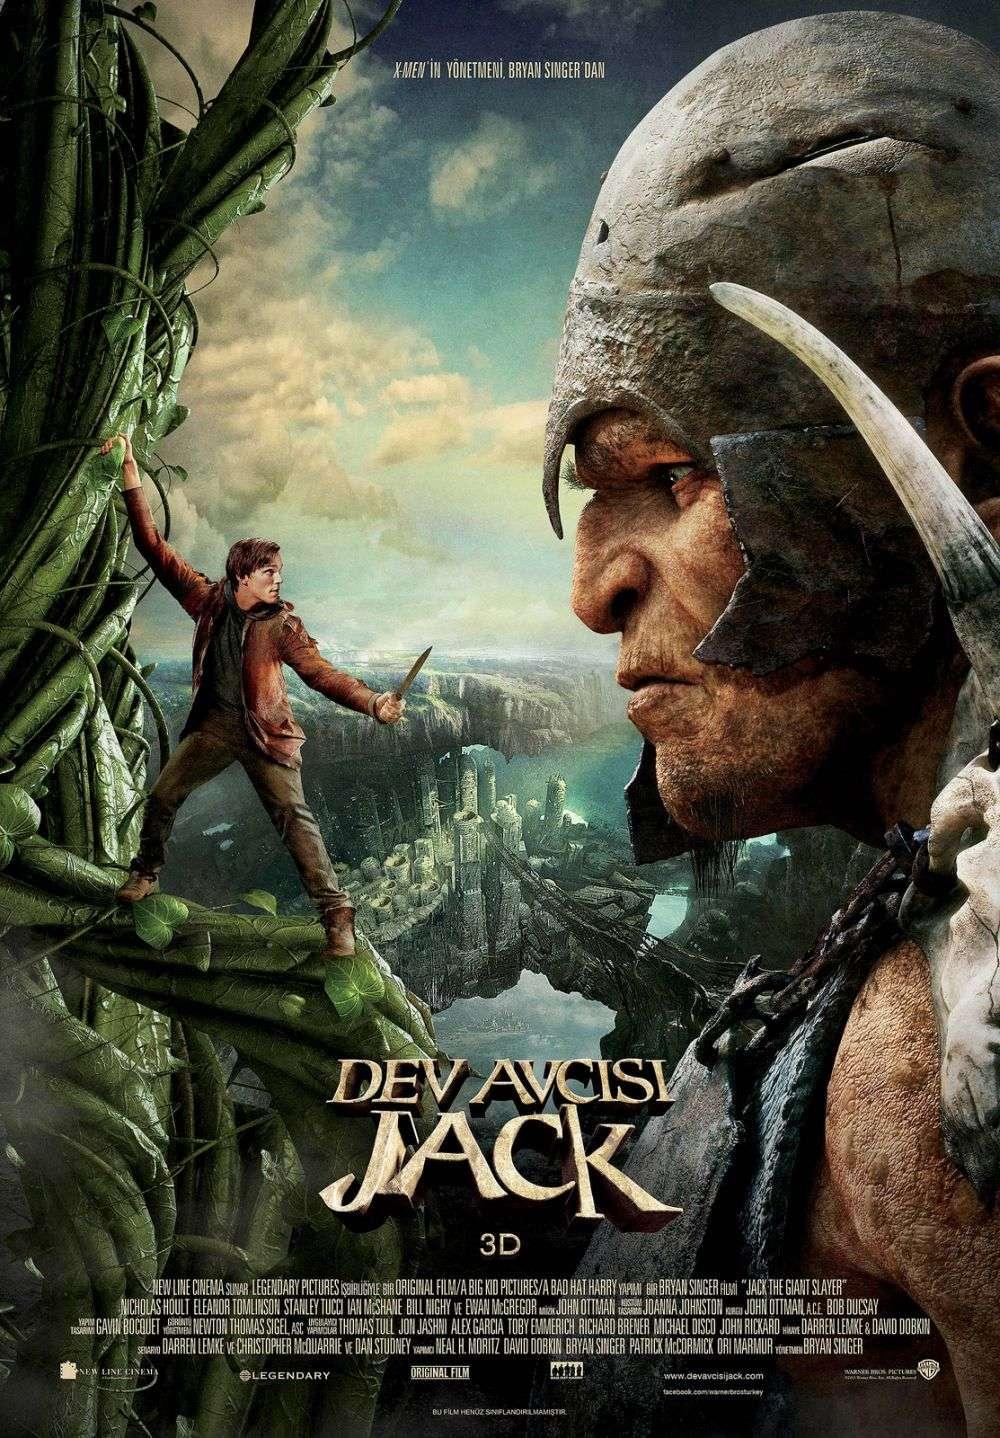 Dev Avcısı Jack - 2013 BDRip XviD - Türkçe Altyazılı indir